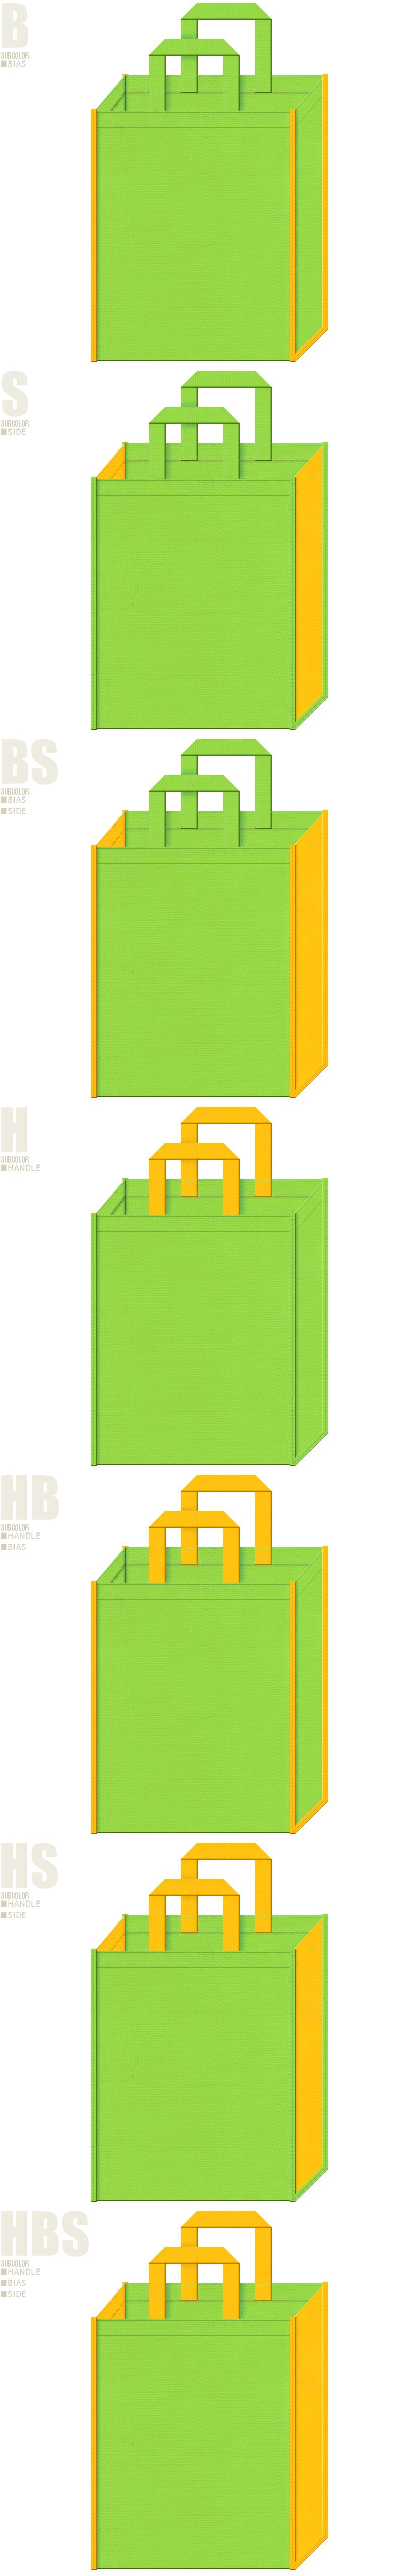 ロードレース・ゆず・インコ・ひまわり・とうもろこし・たんぽぽ・アブラナ・菜の花・テーマパーク・キッズイベントにお奨めの不織布バッグデザイン:黄緑色と黄色の配色7パターン